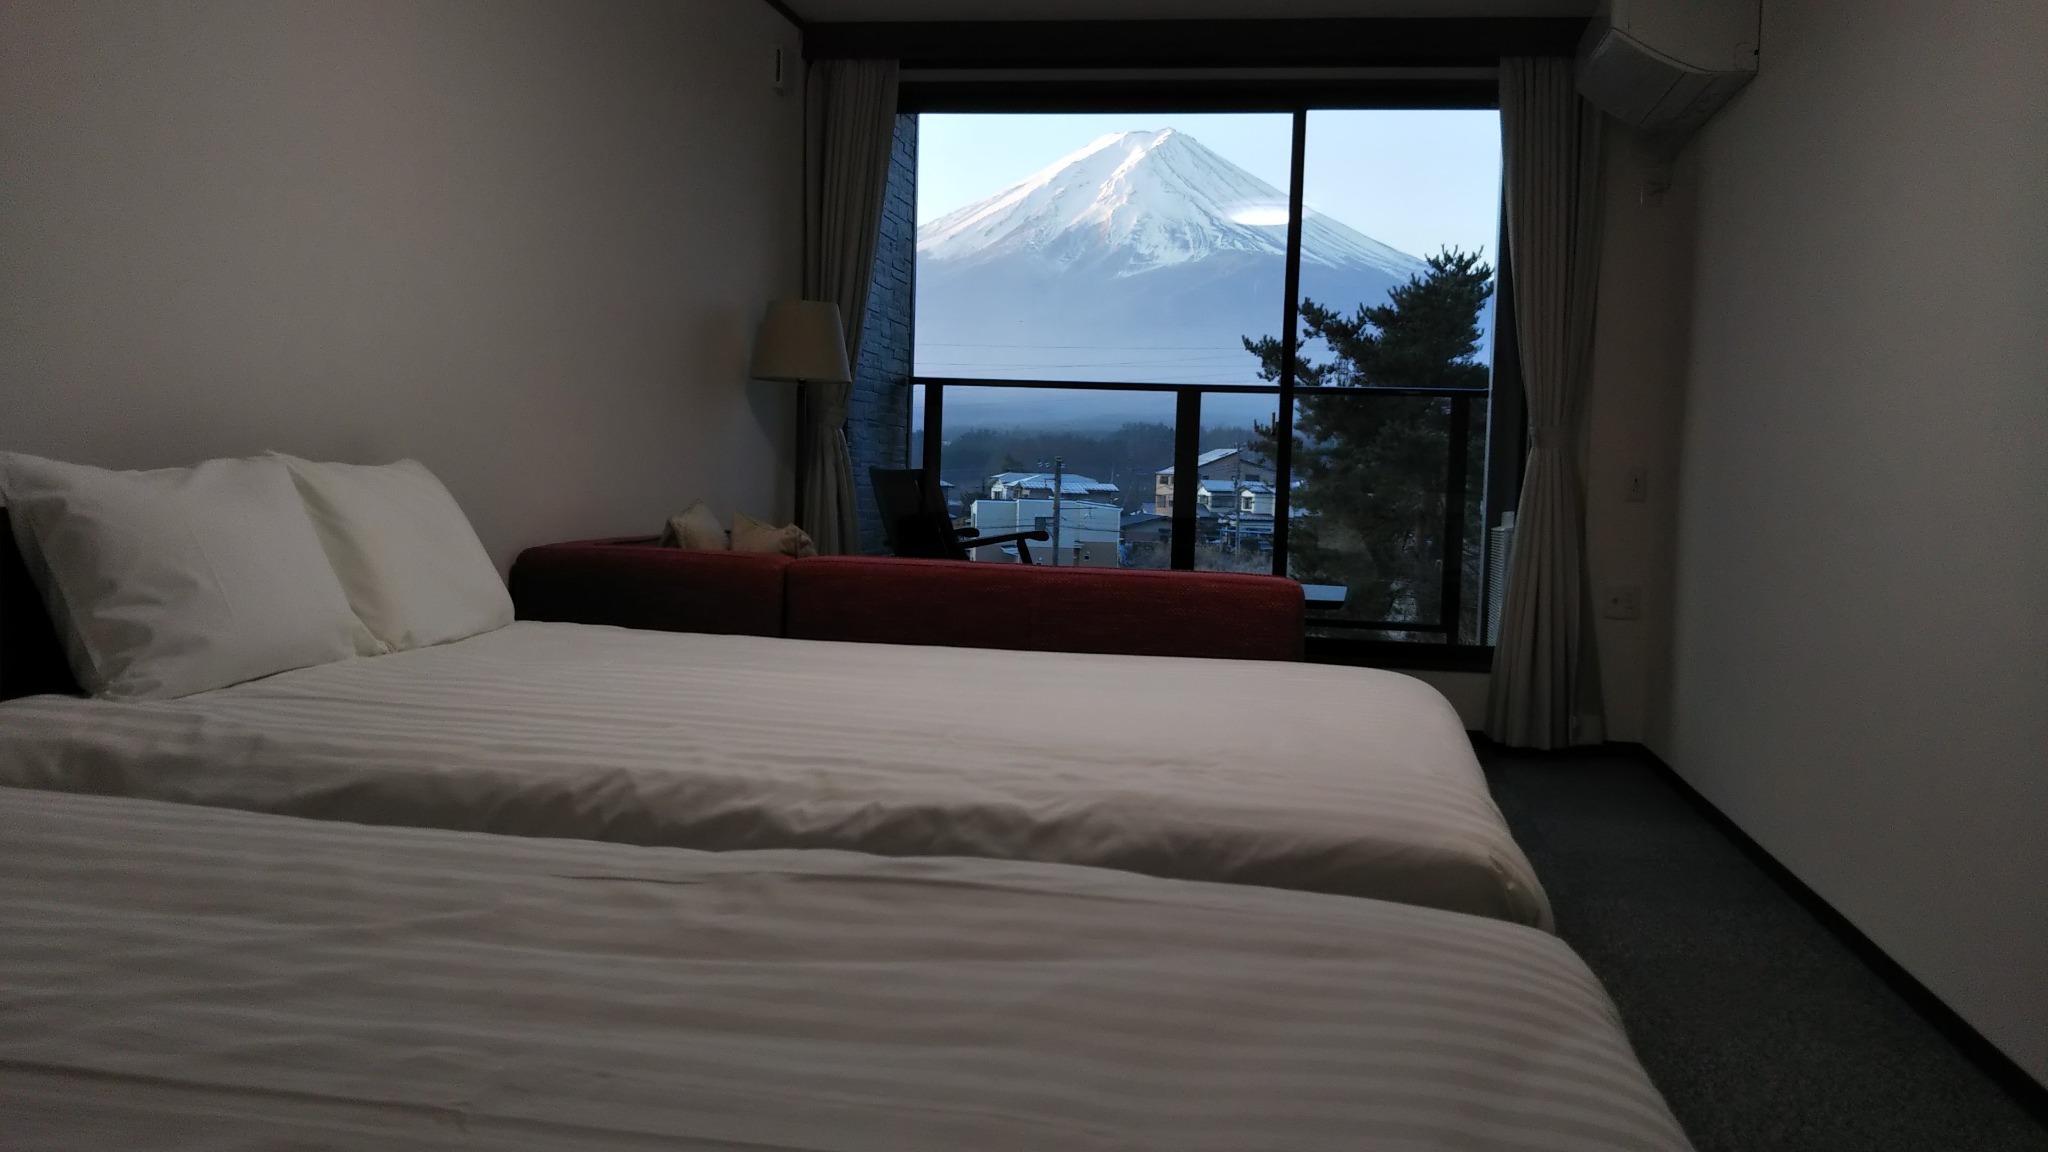 ベッドから寝たまま富士山を見られる日もあります